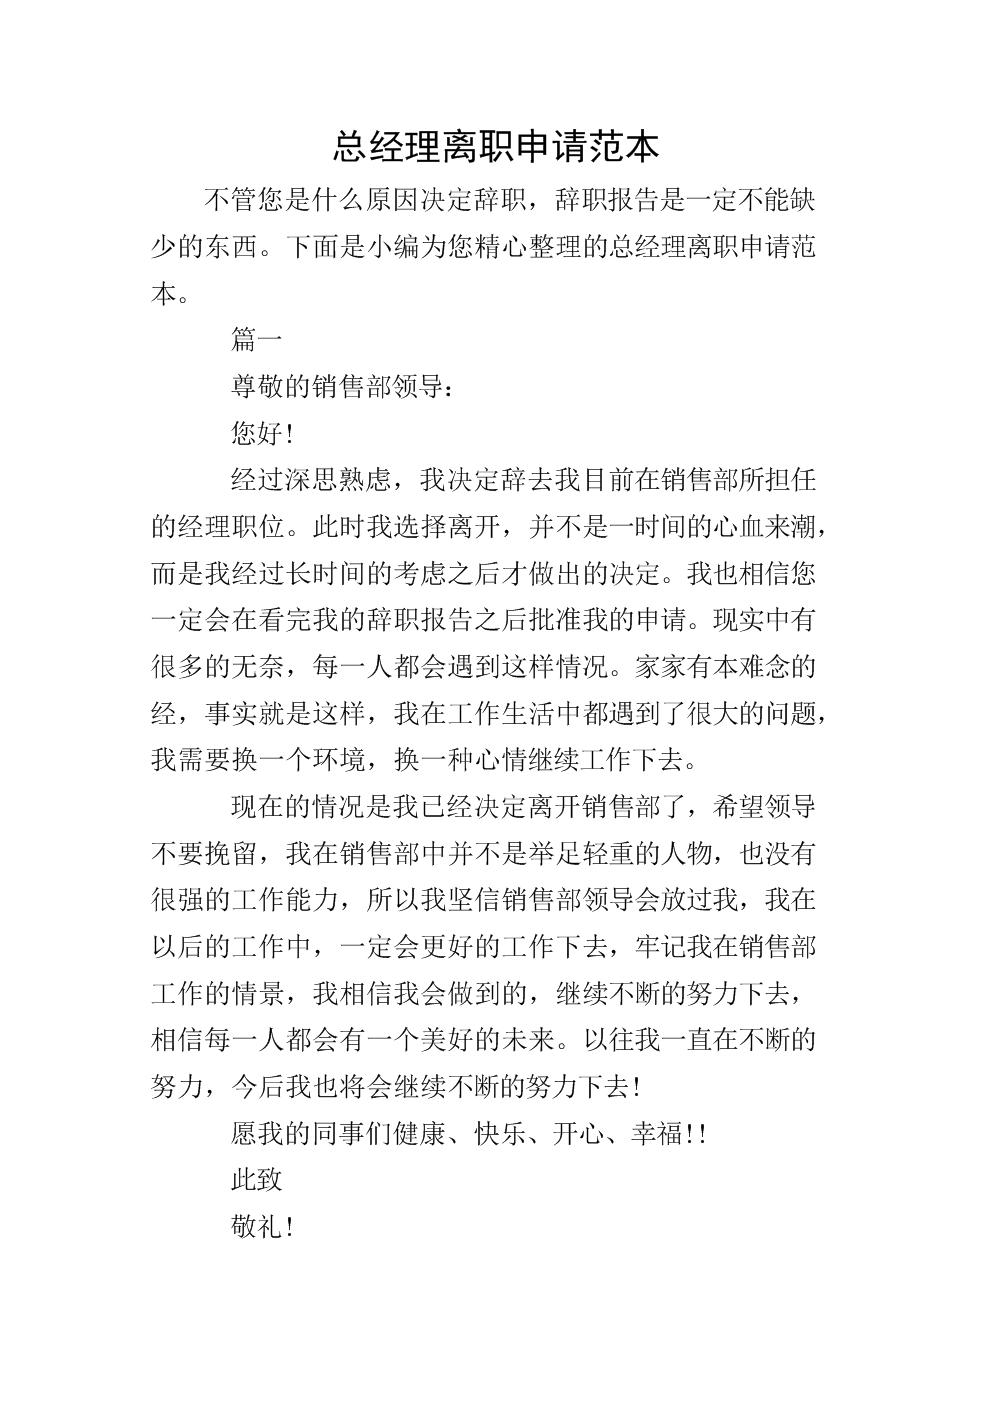 总经理离职申请范本.doc